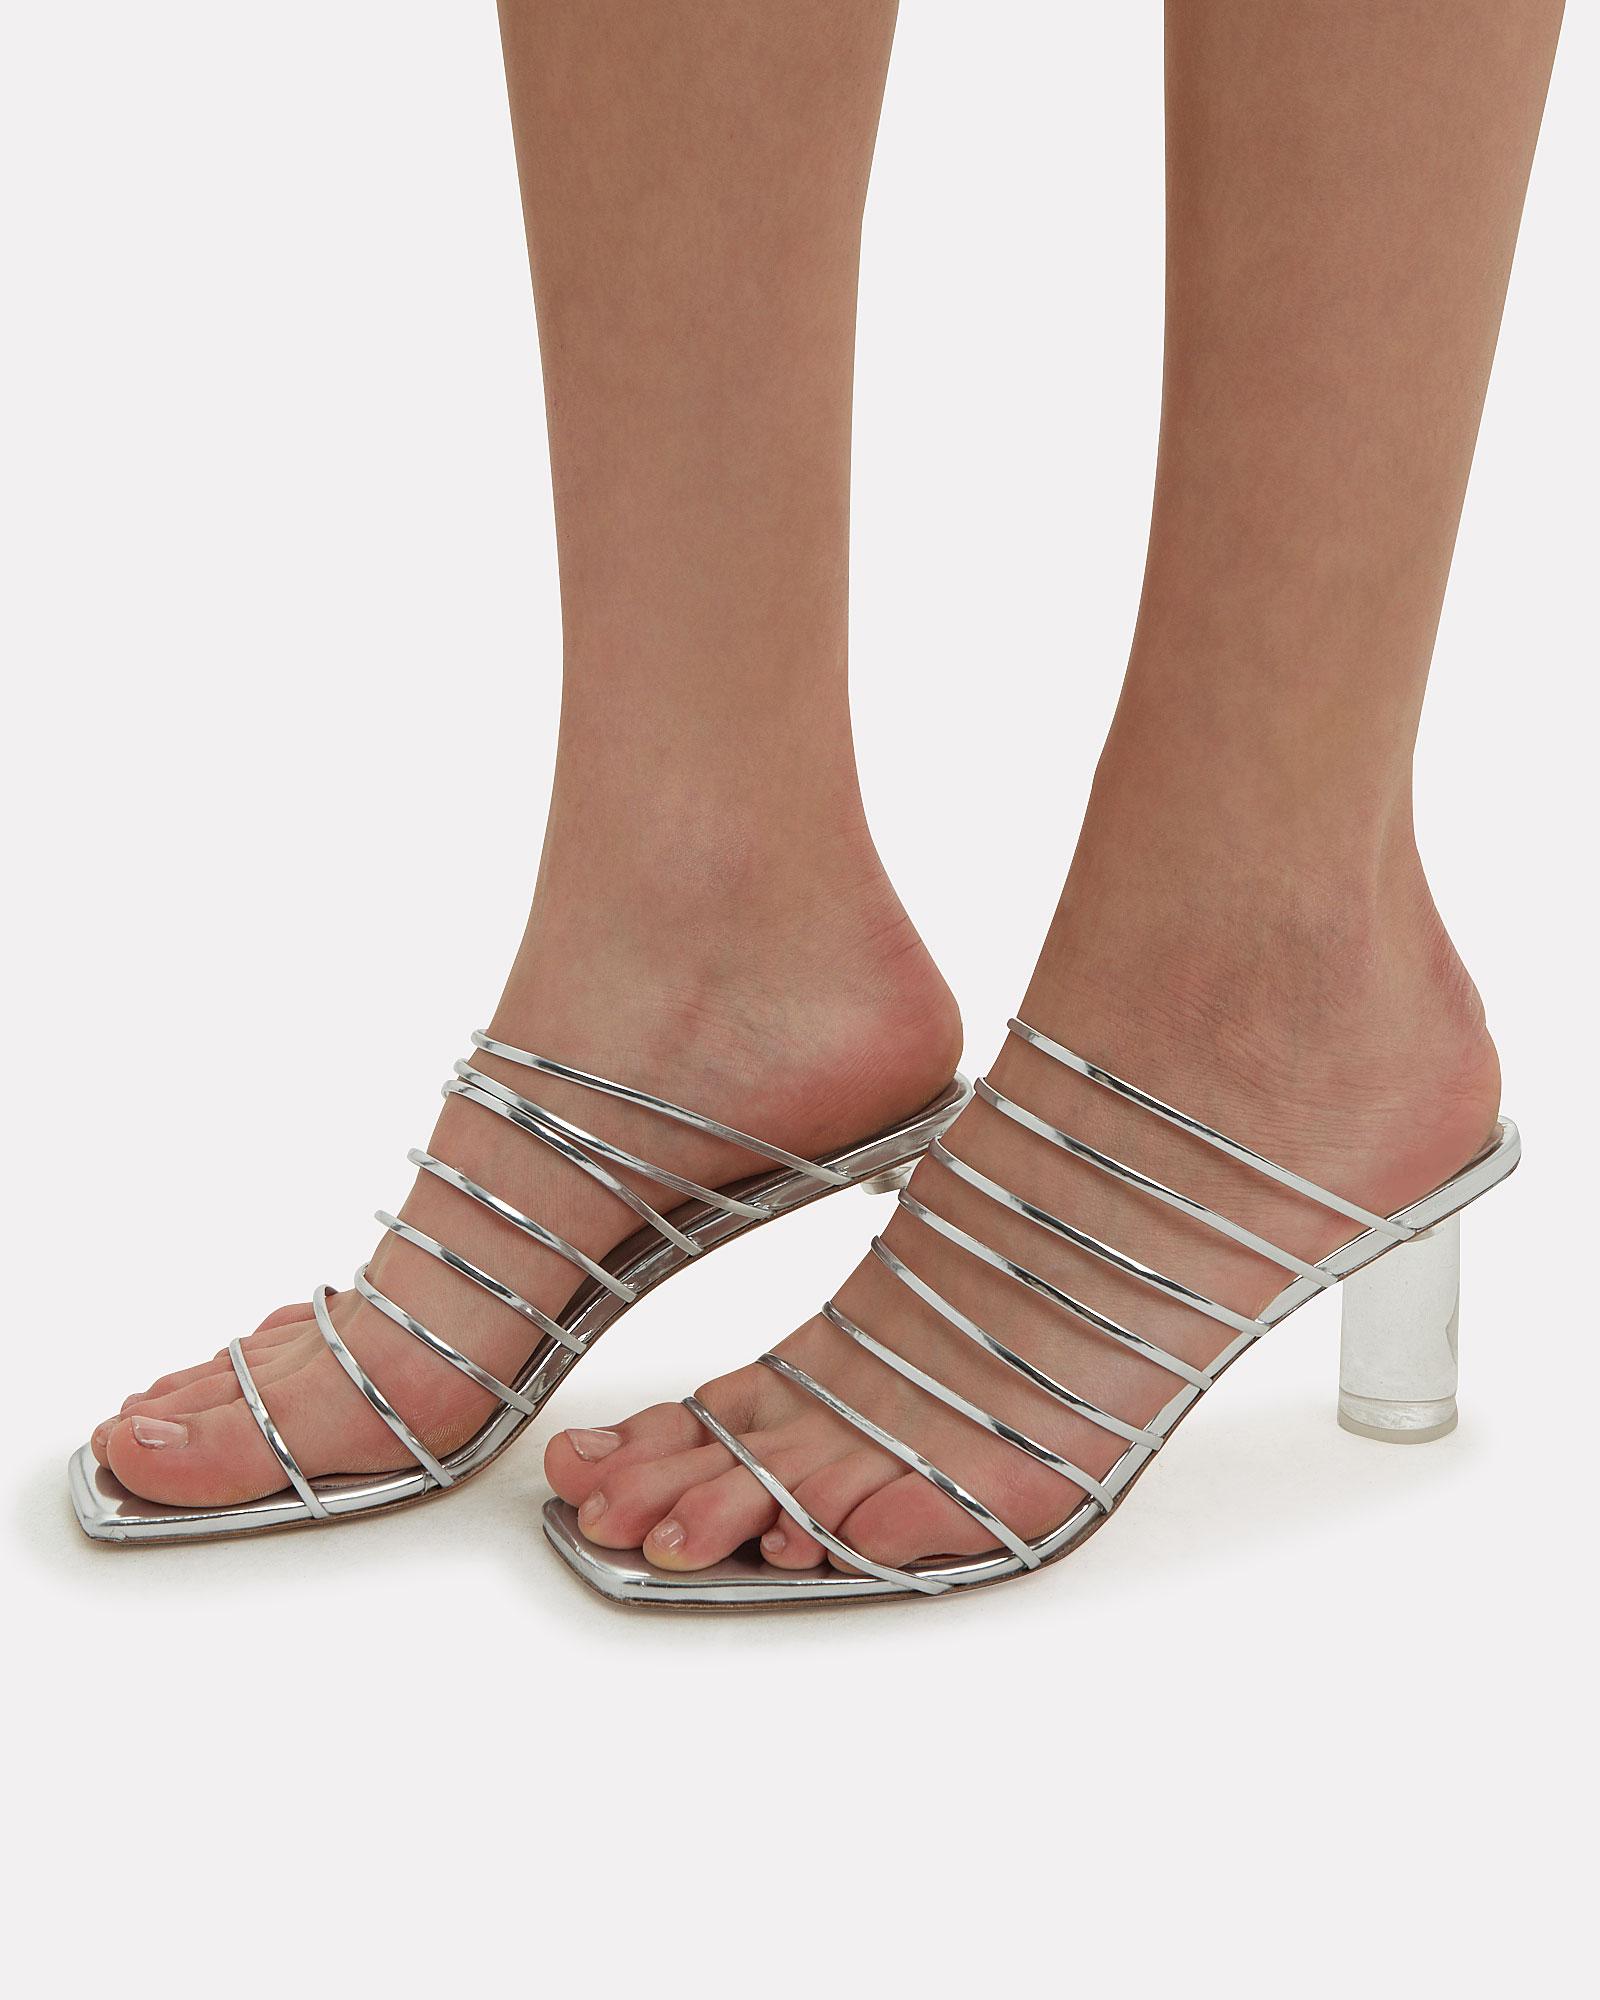 fa75694ad81 Zoe Lucite Heel Strappy Silver Sandals